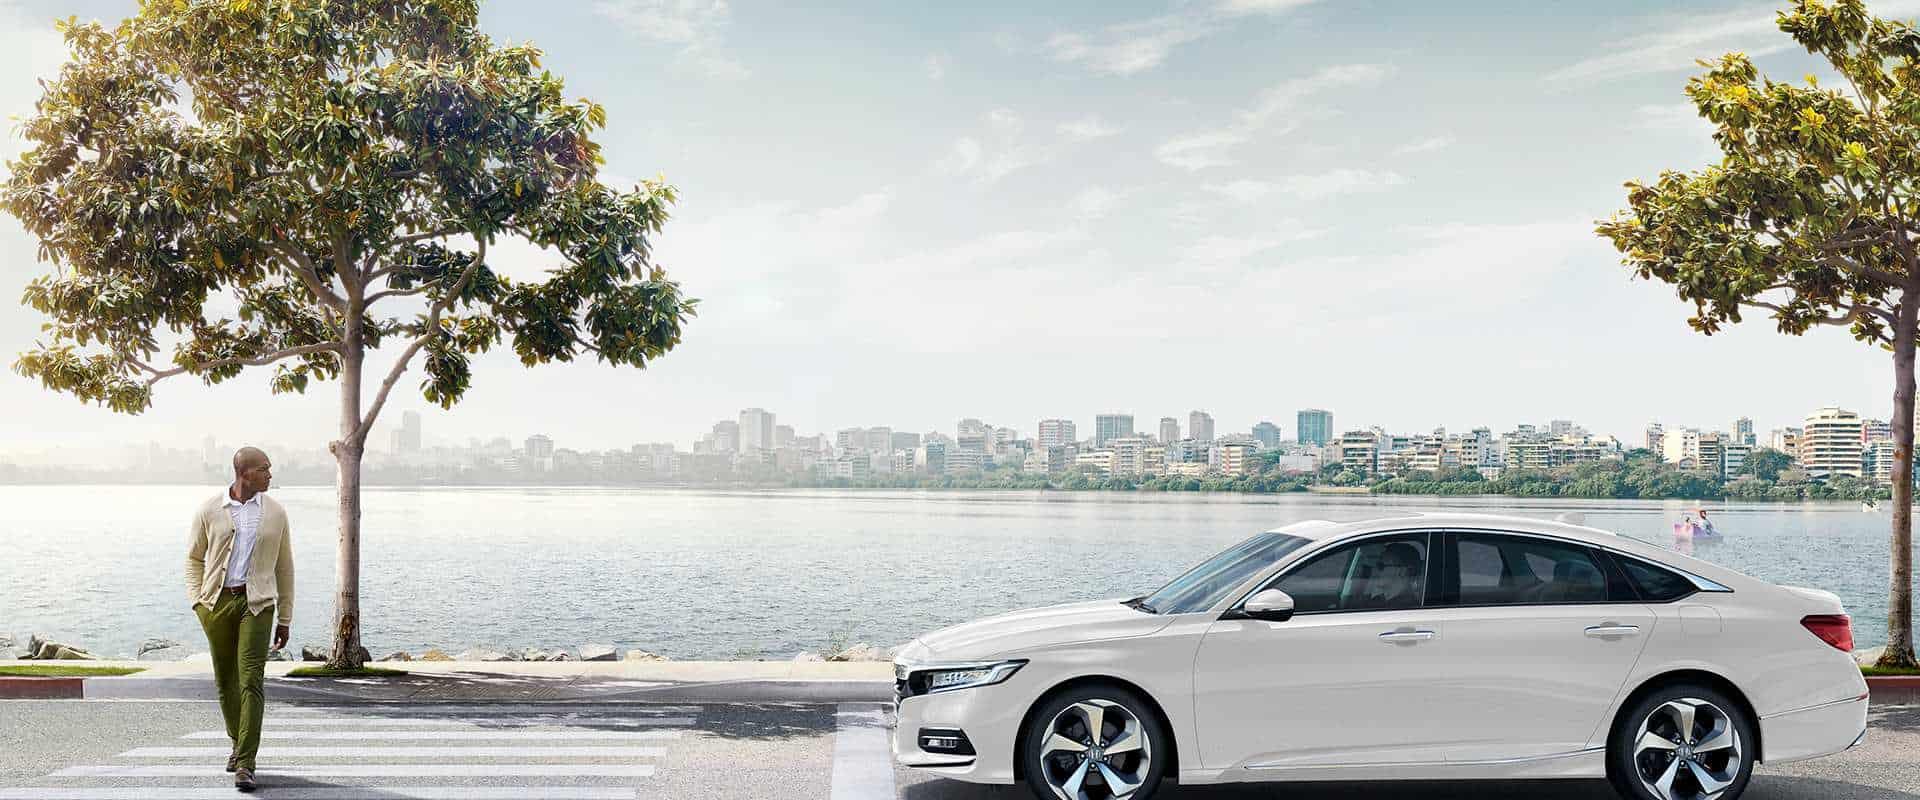 Honda Accord Touring - Dimensões impressionantes